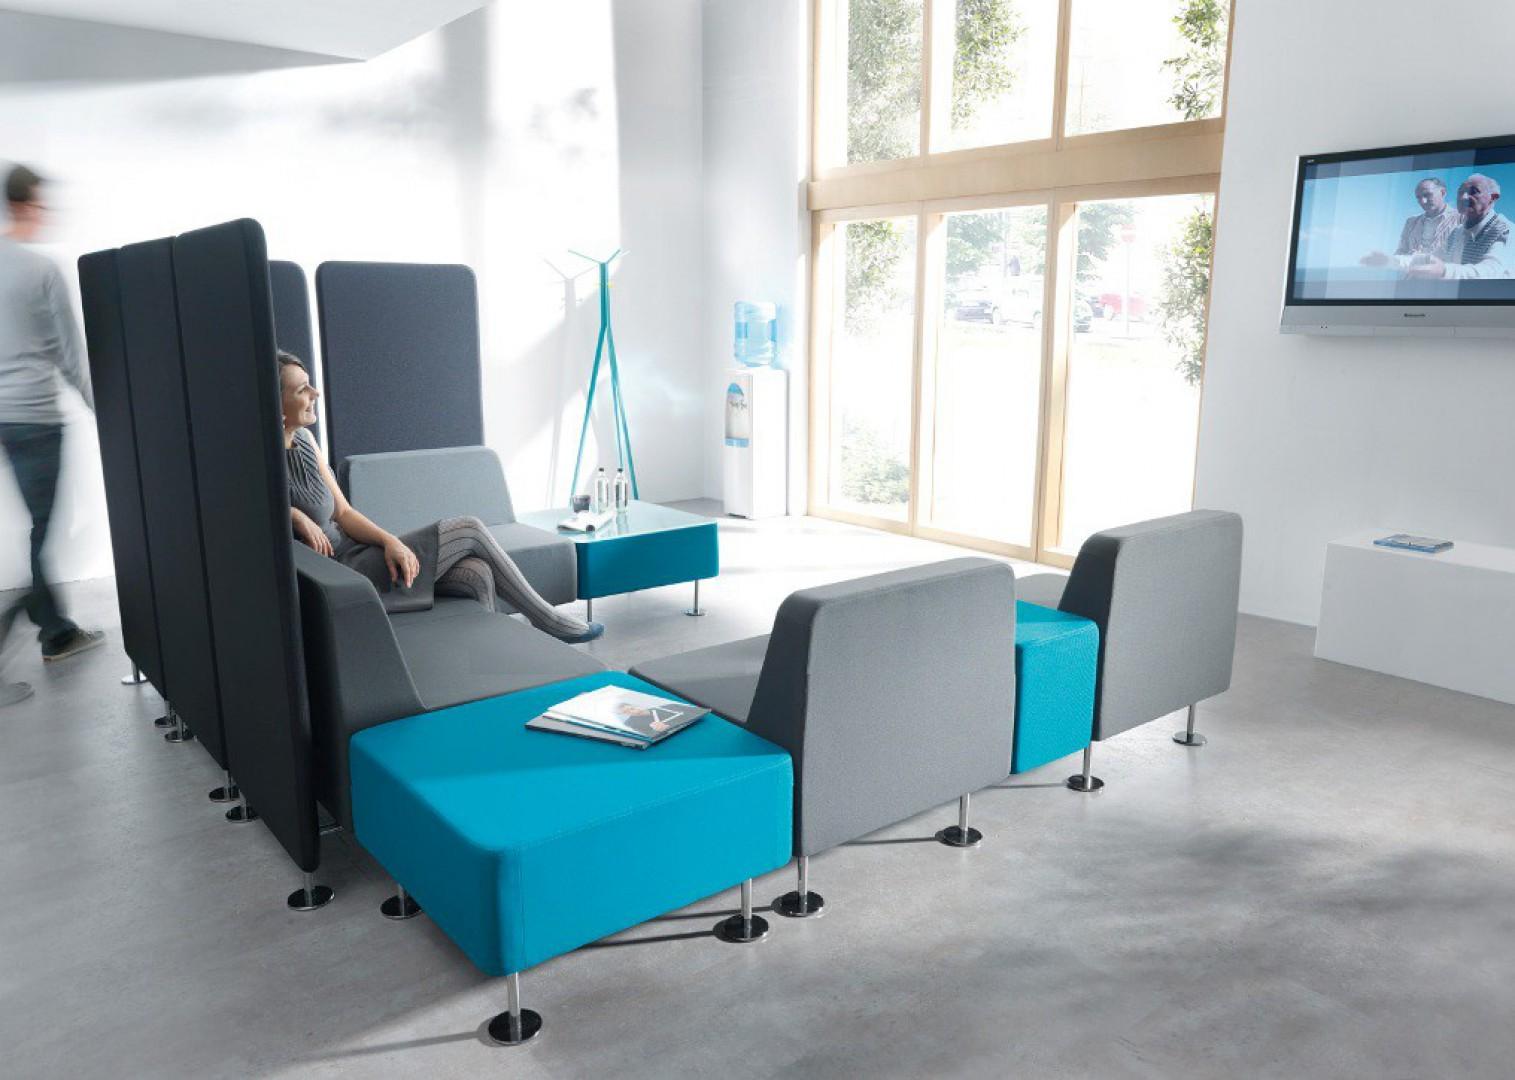 W nowoczesnym biurze możesz poczuć się prawie jak w domu. Fot. Profim